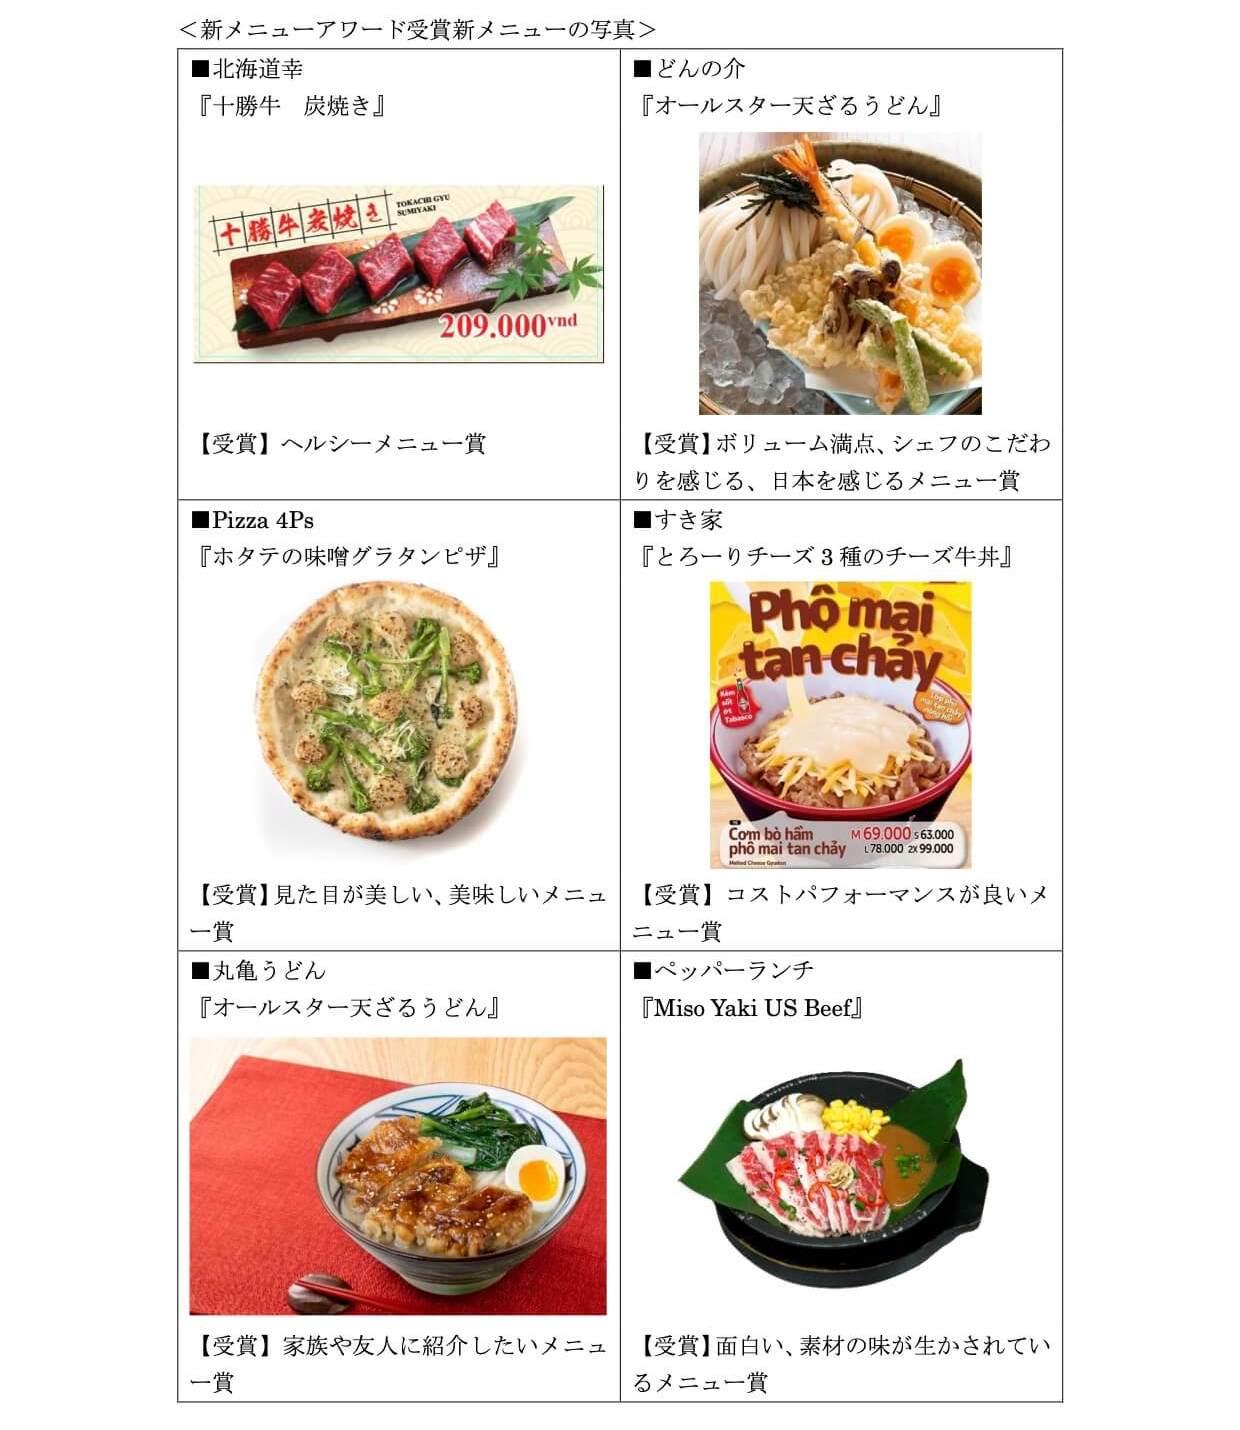 ベトナムで開催された新メニュー開発・日本産食材利用促進キャンペーン